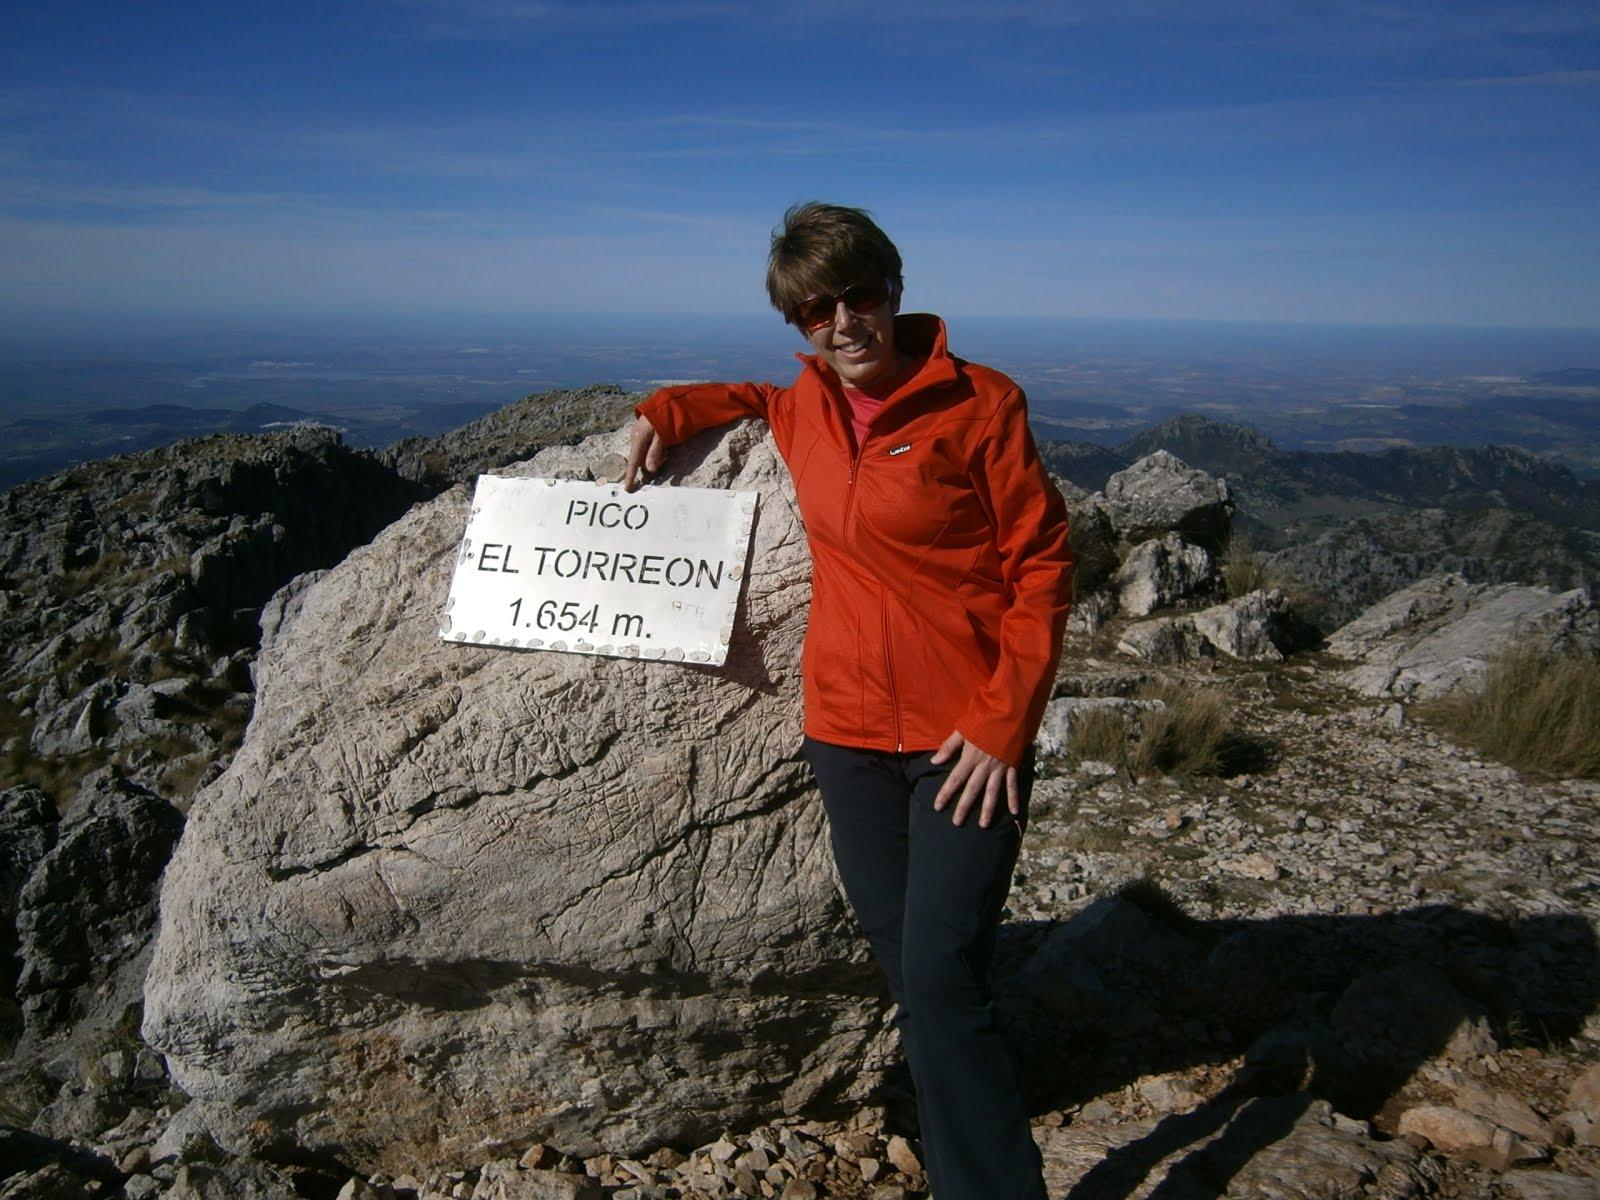 Cumbre del Torreón, Cádiz